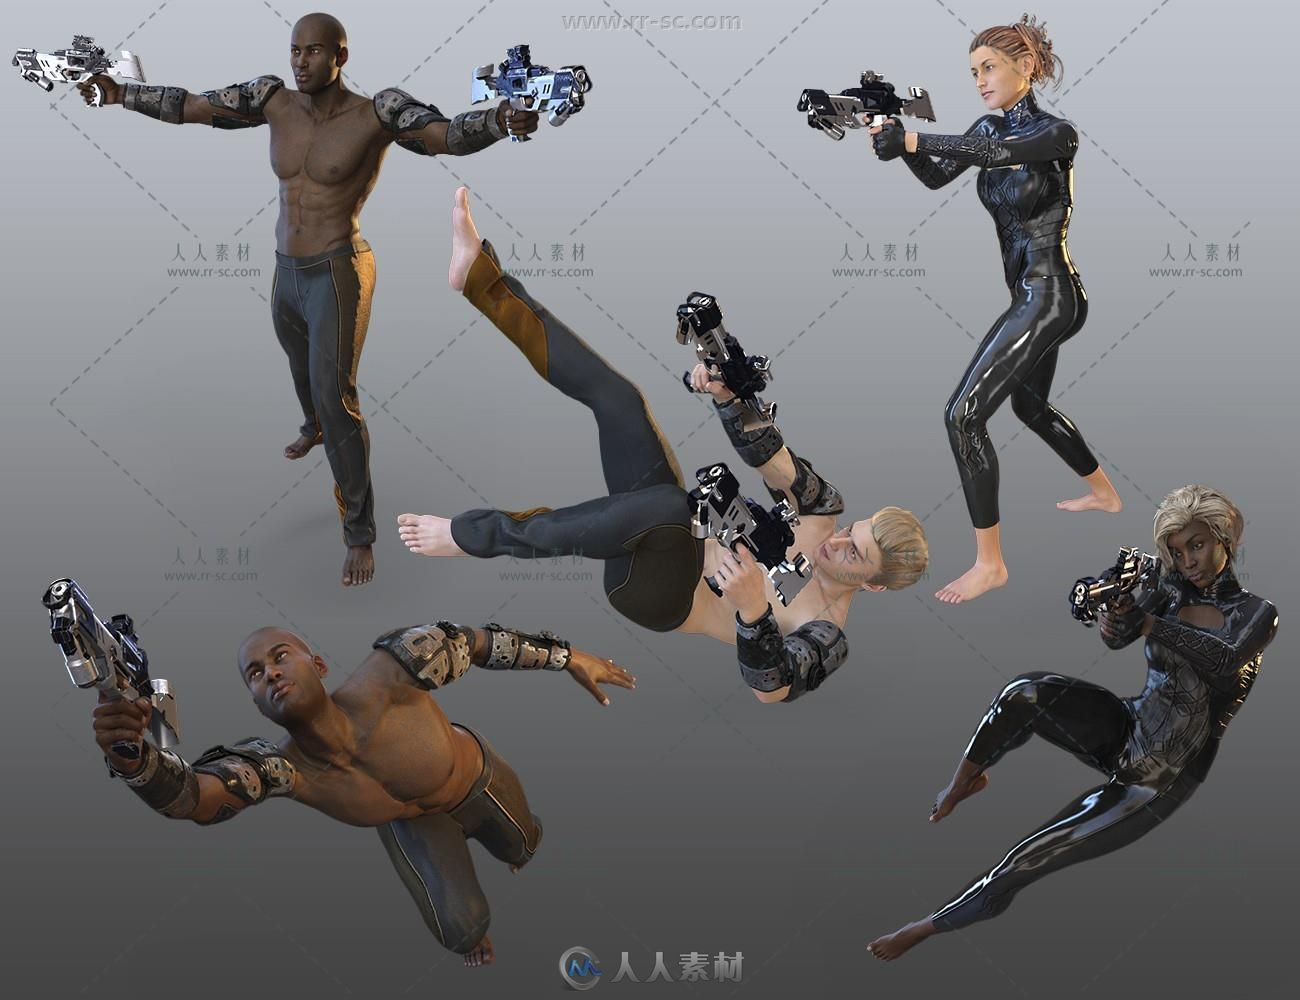 科幻星际战士各类战斗姿势3D模型与纹理贴图预设合集